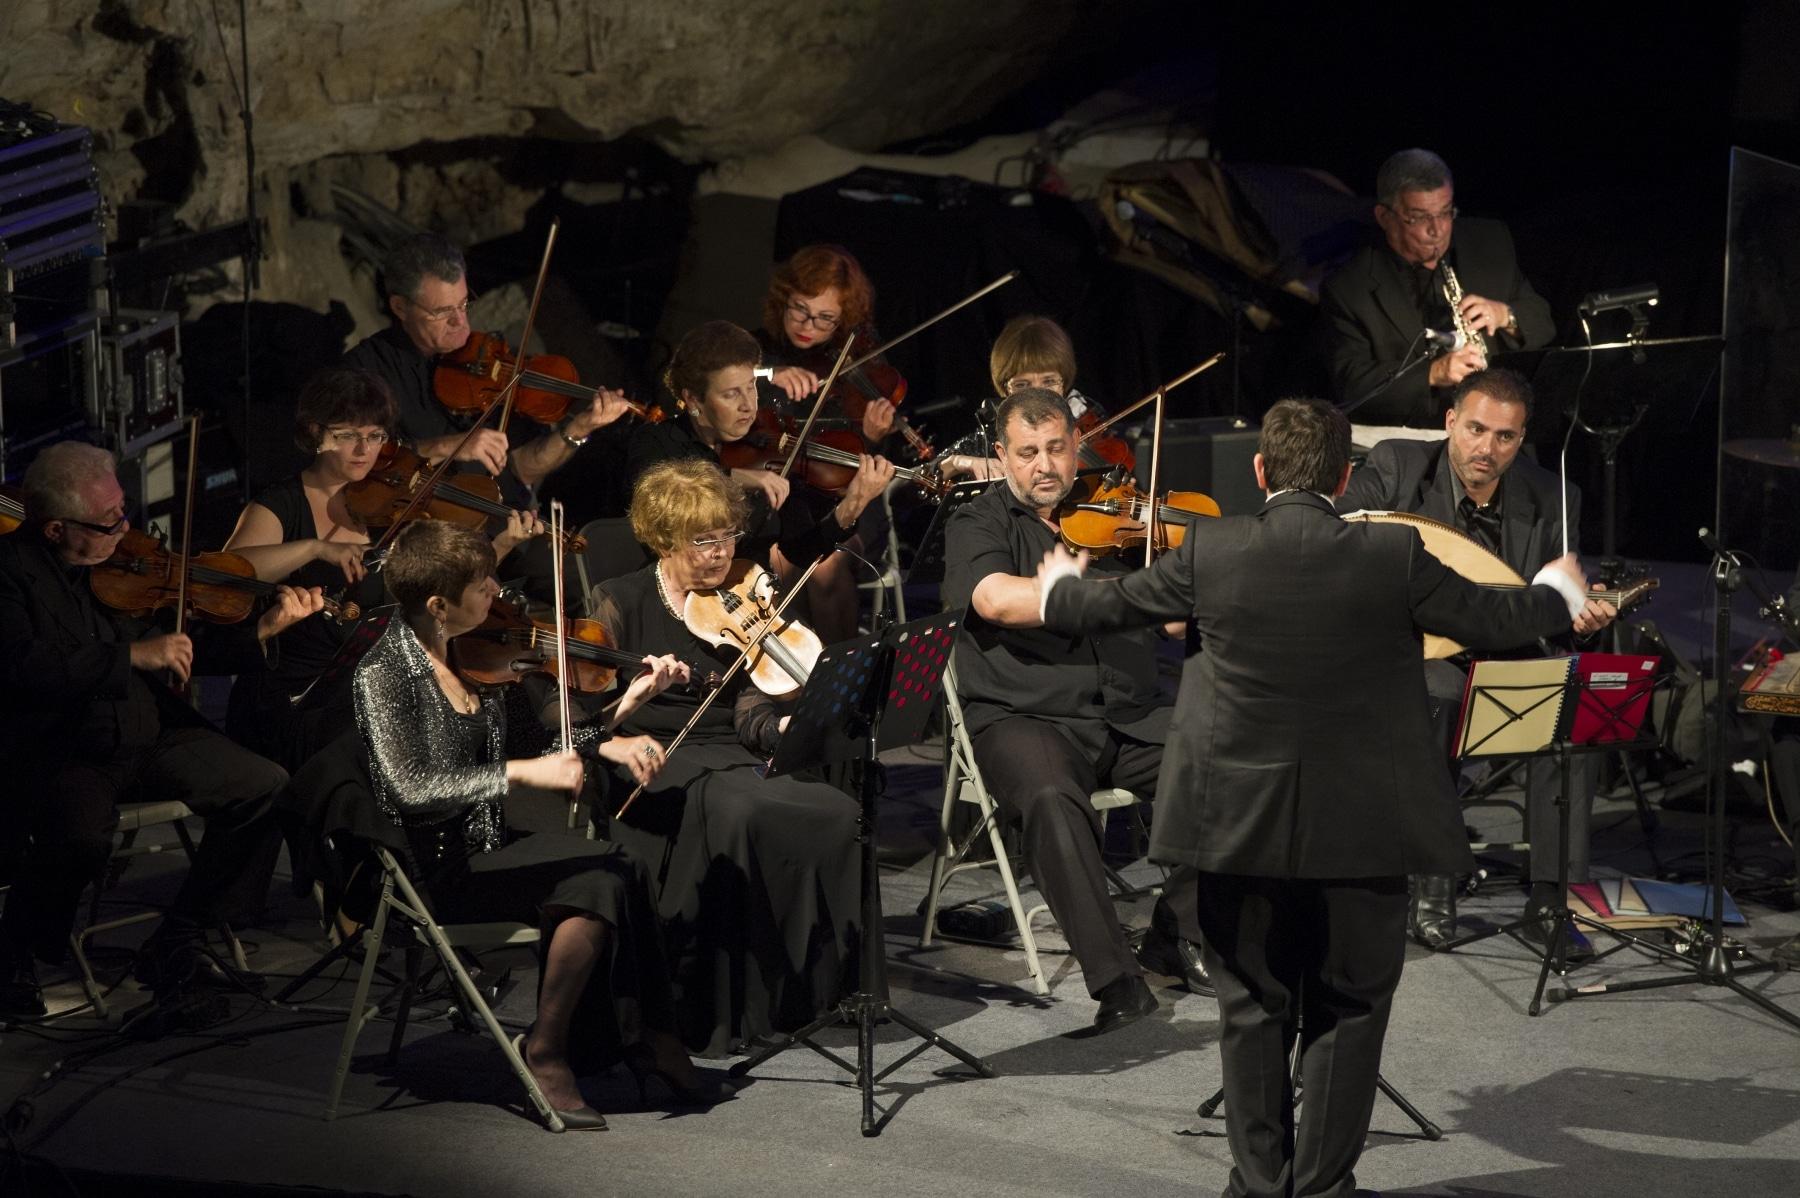 gibraltar-world-music-festival-dia-2-yasmin-levy-mediterranean-andalusian-orchestra-ashkelon-31_9225499336_o